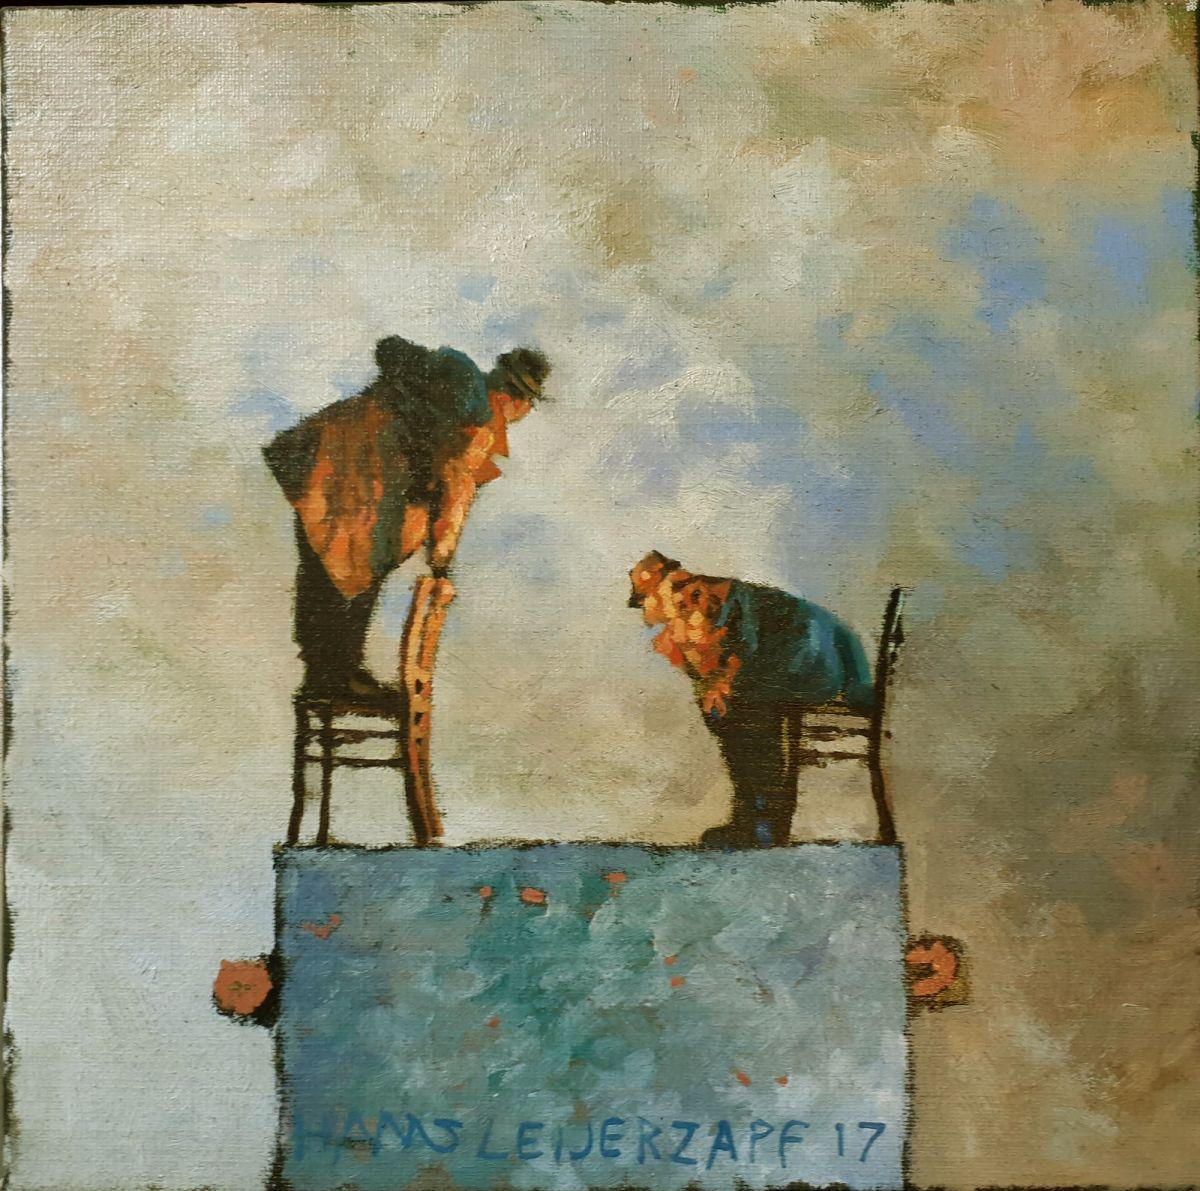 Kunst: Hoe zij het denken te doen van kunstenaar Hans Leijerzapf